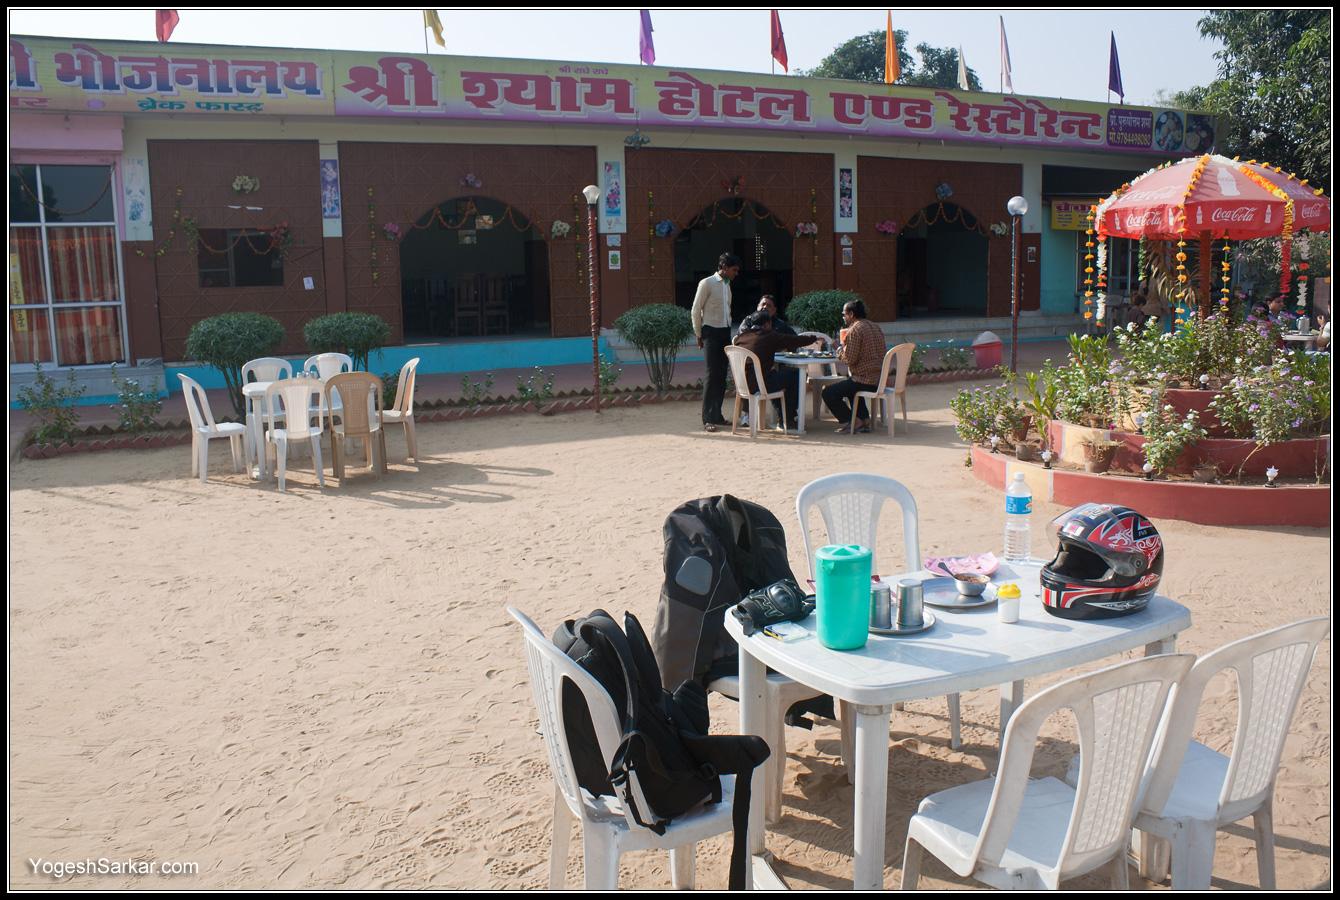 shree-shyam-hotel-and-restaurant.jpg